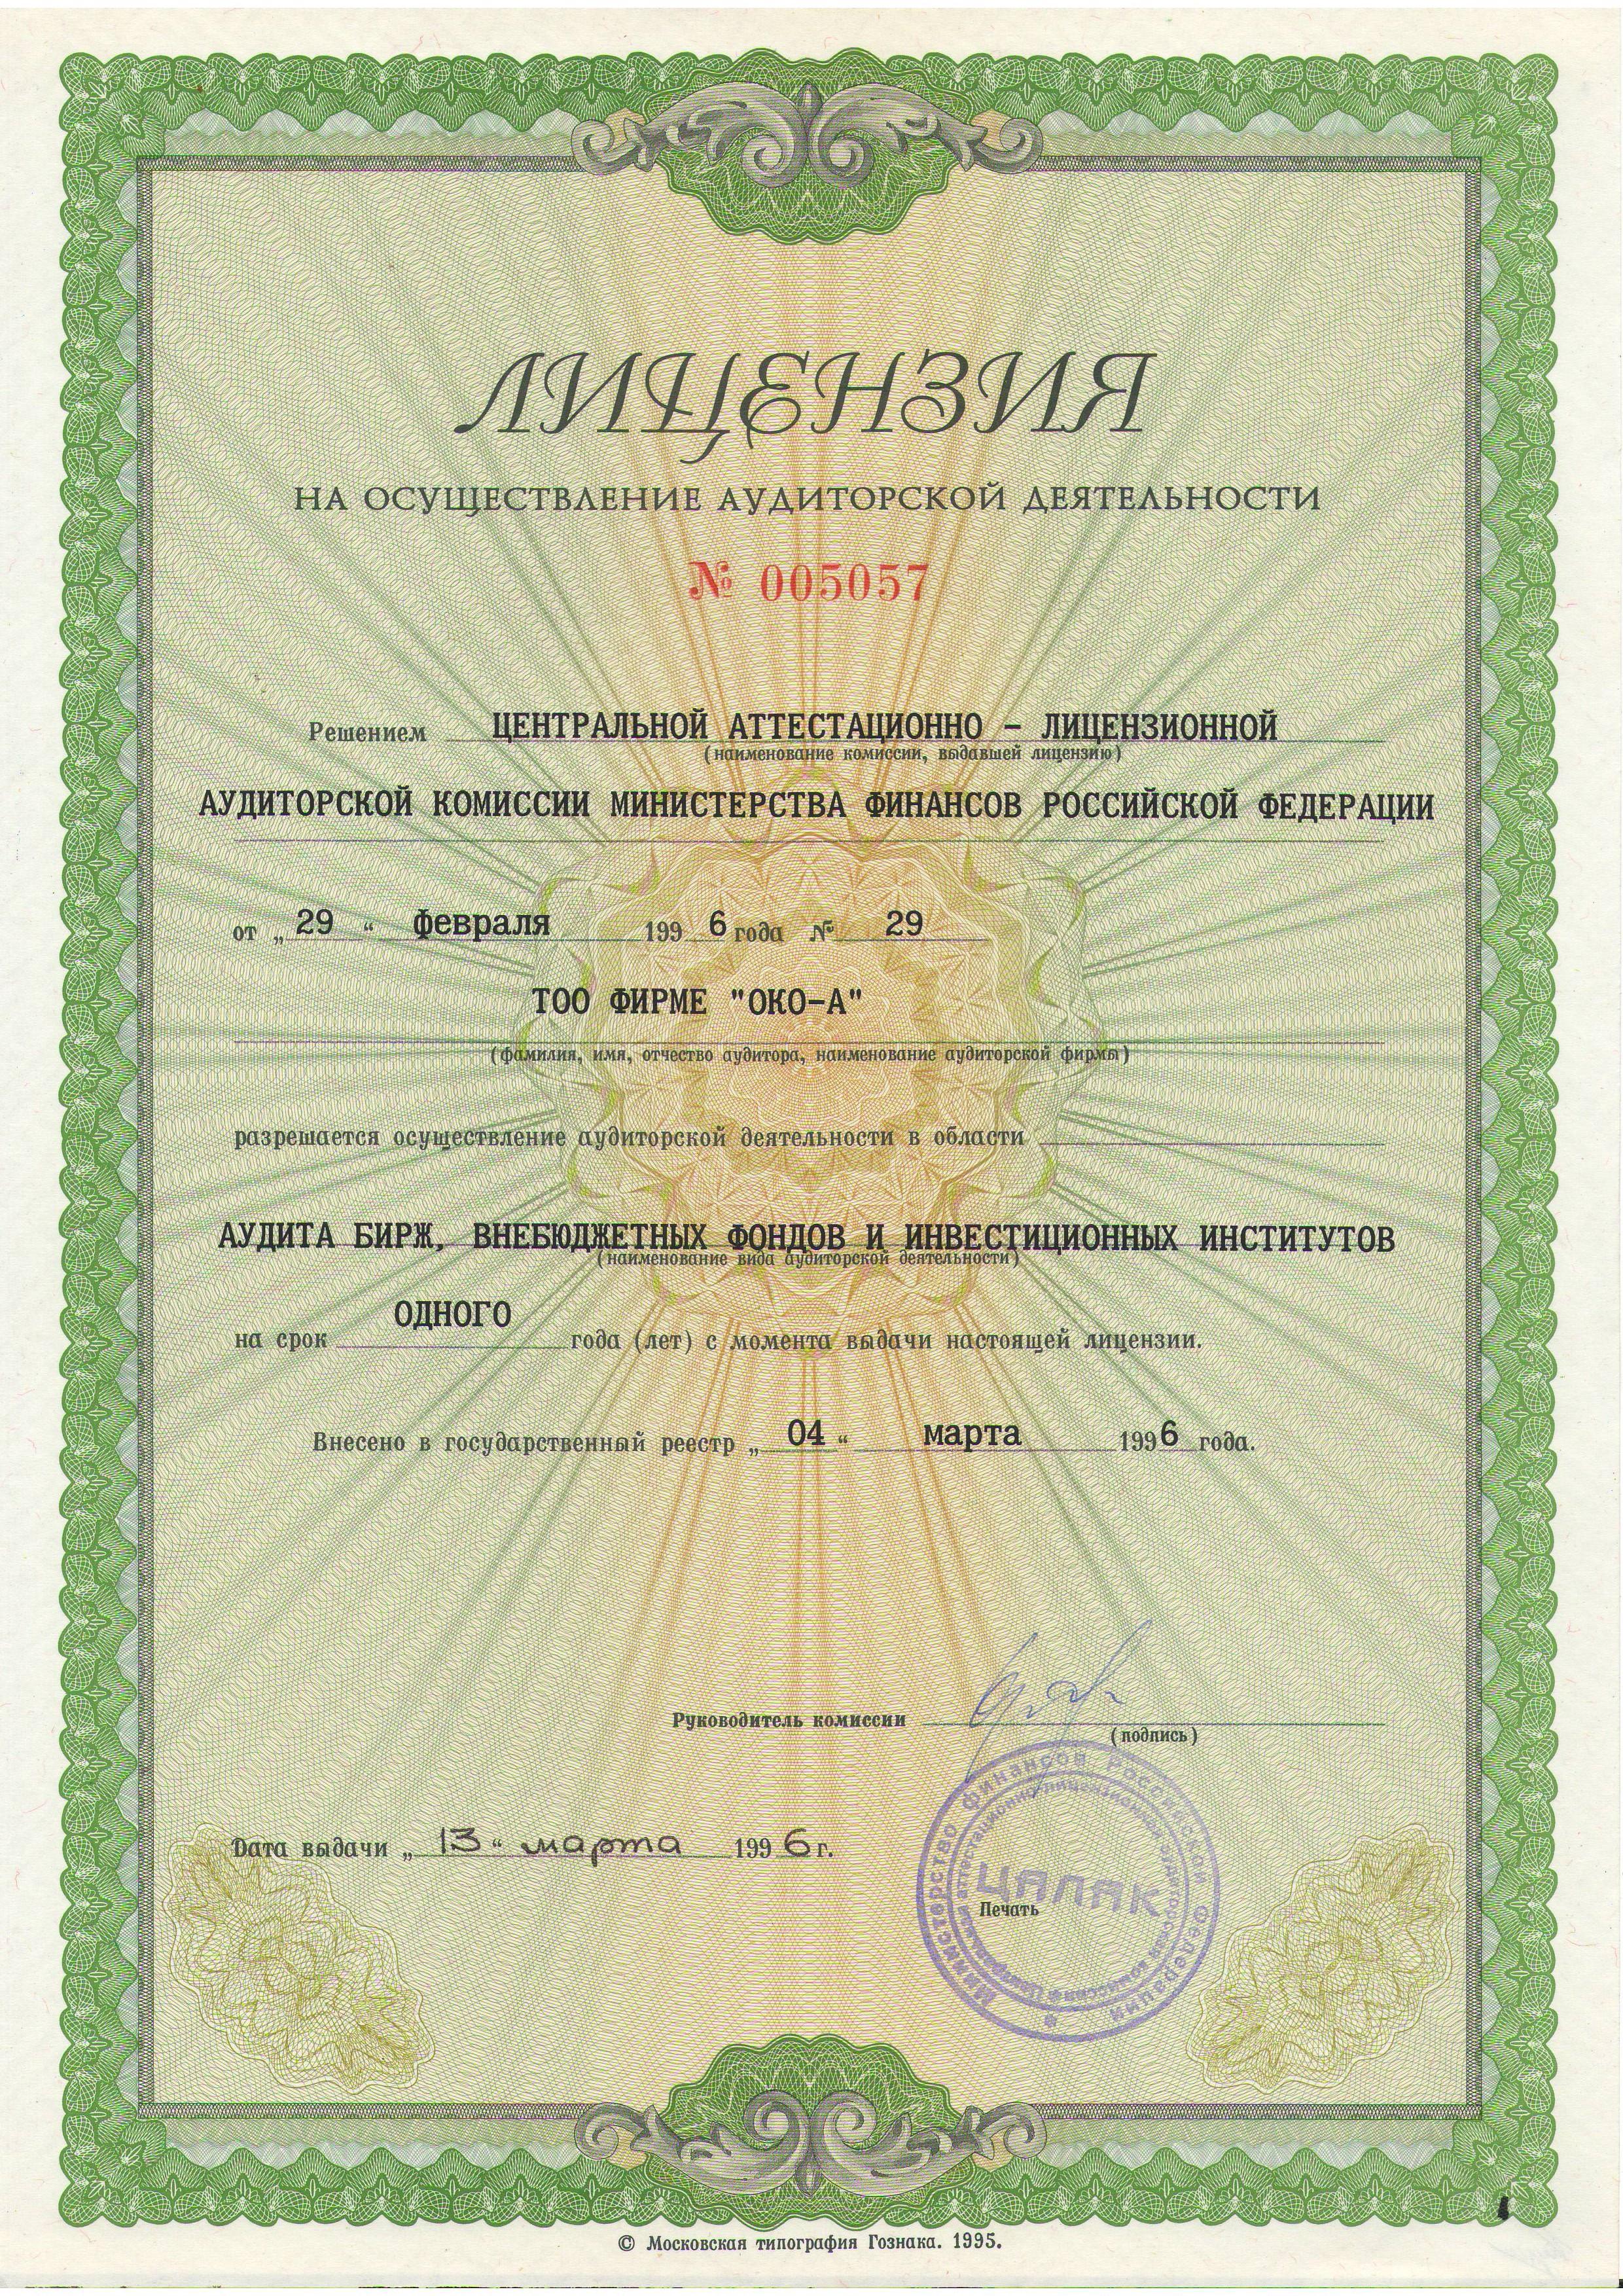 лицензия на аудит